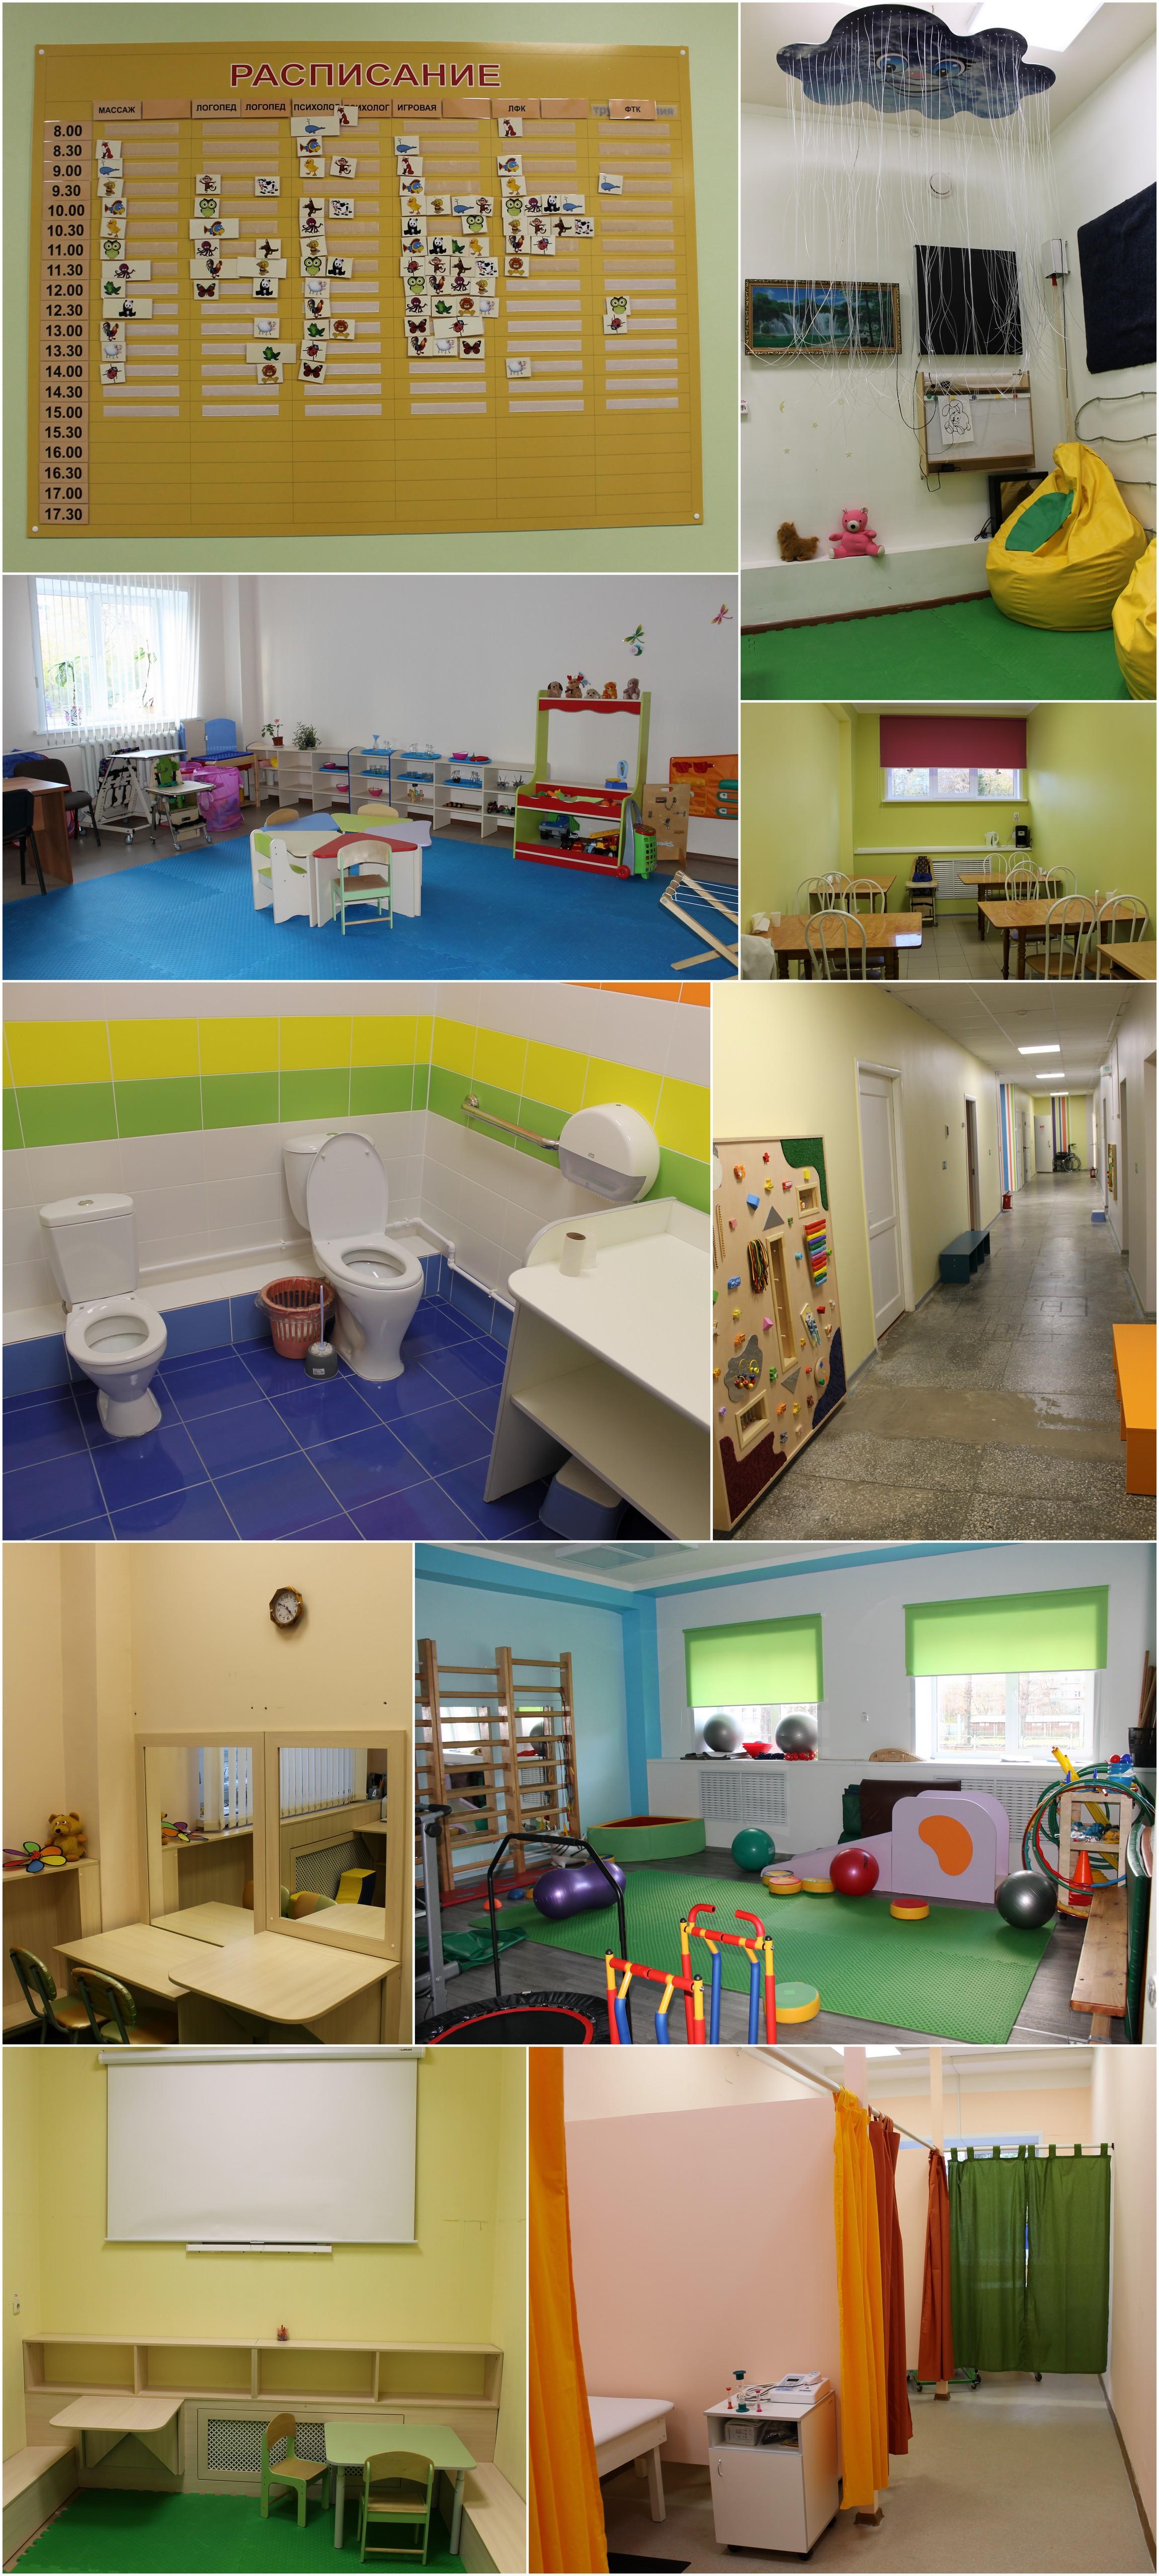 отделение реабилитации инвалидов Дзержинского района Перми